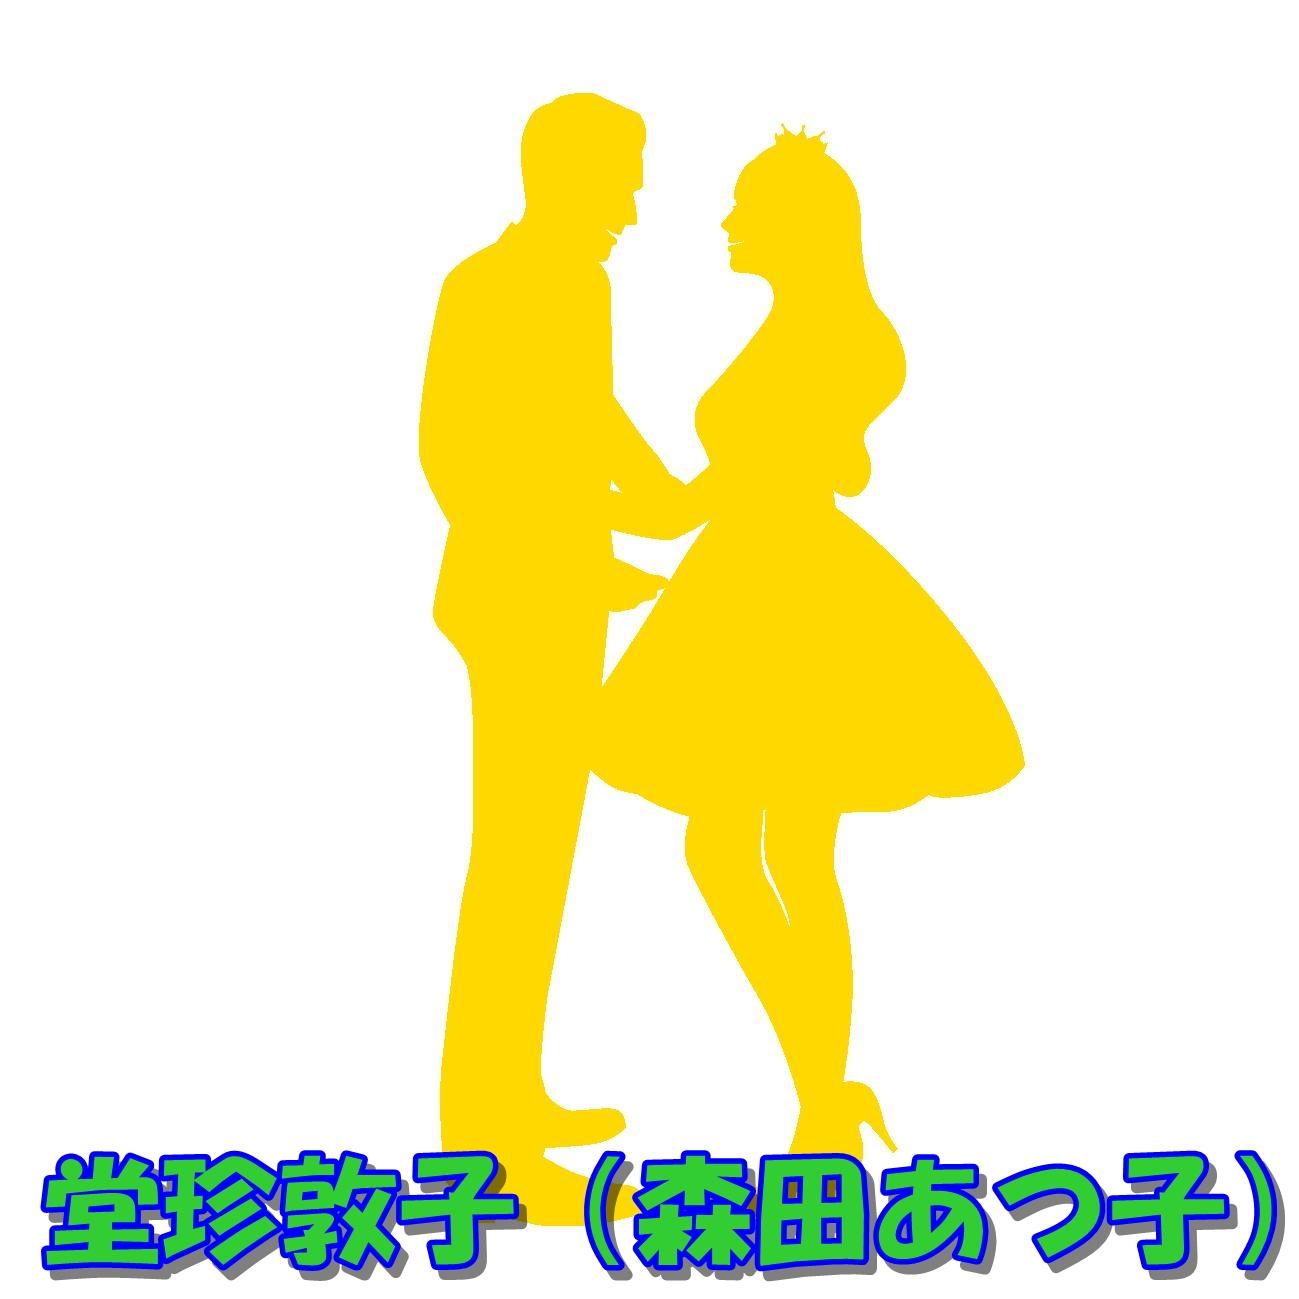 堂珍敦子(森田あつ子)が離婚か?学歴等のプロフィールをご紹介!